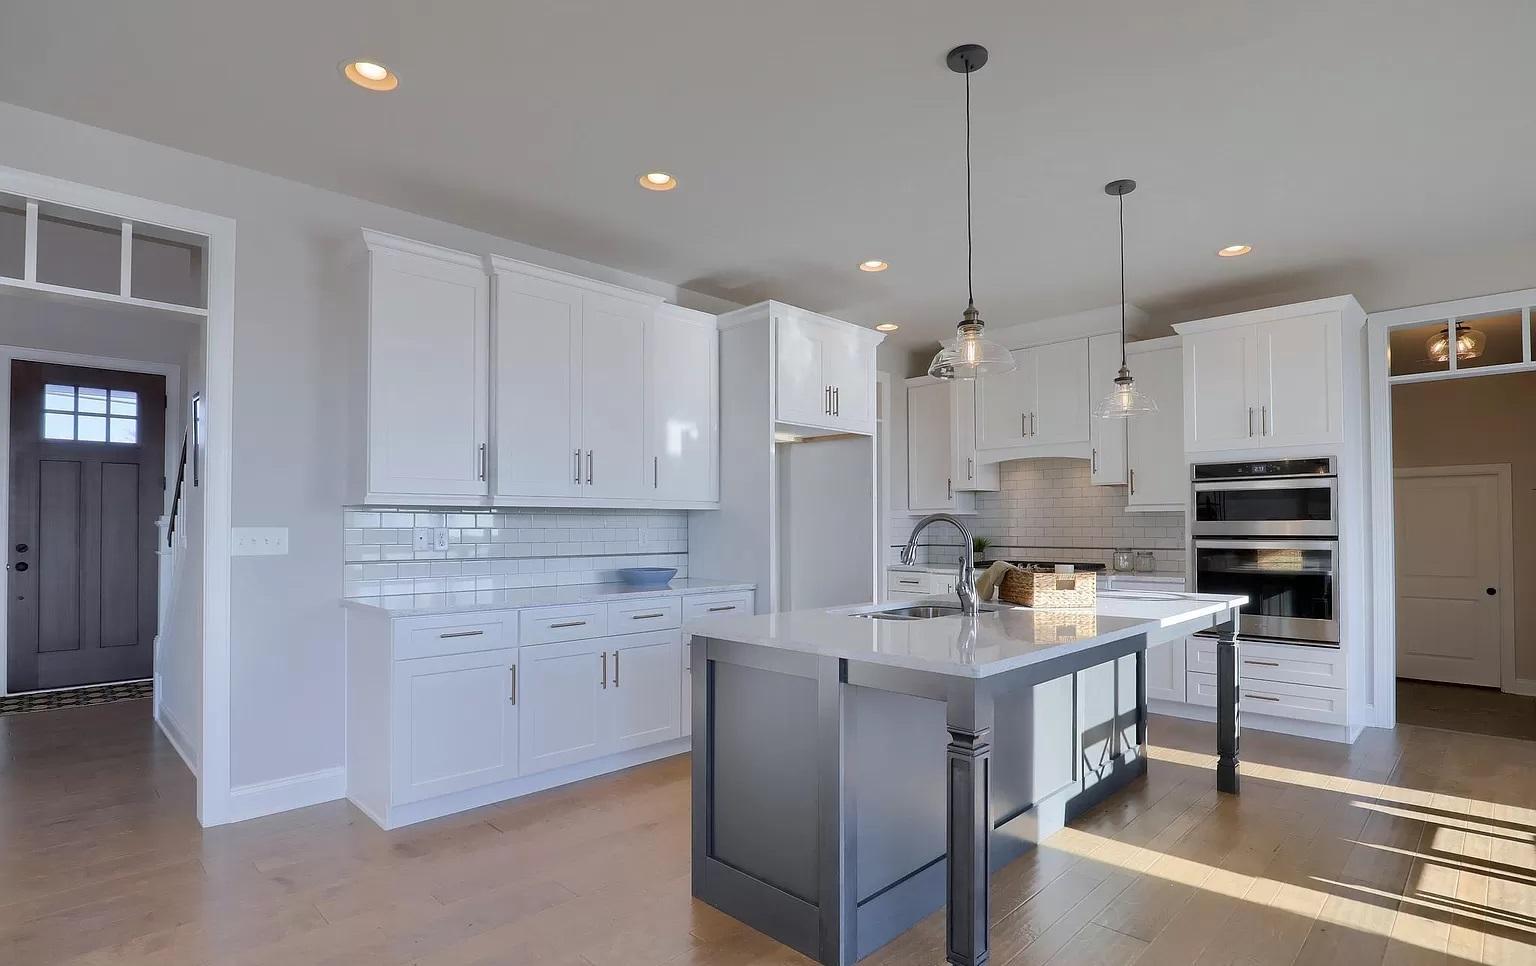 kitchen with kitchen island